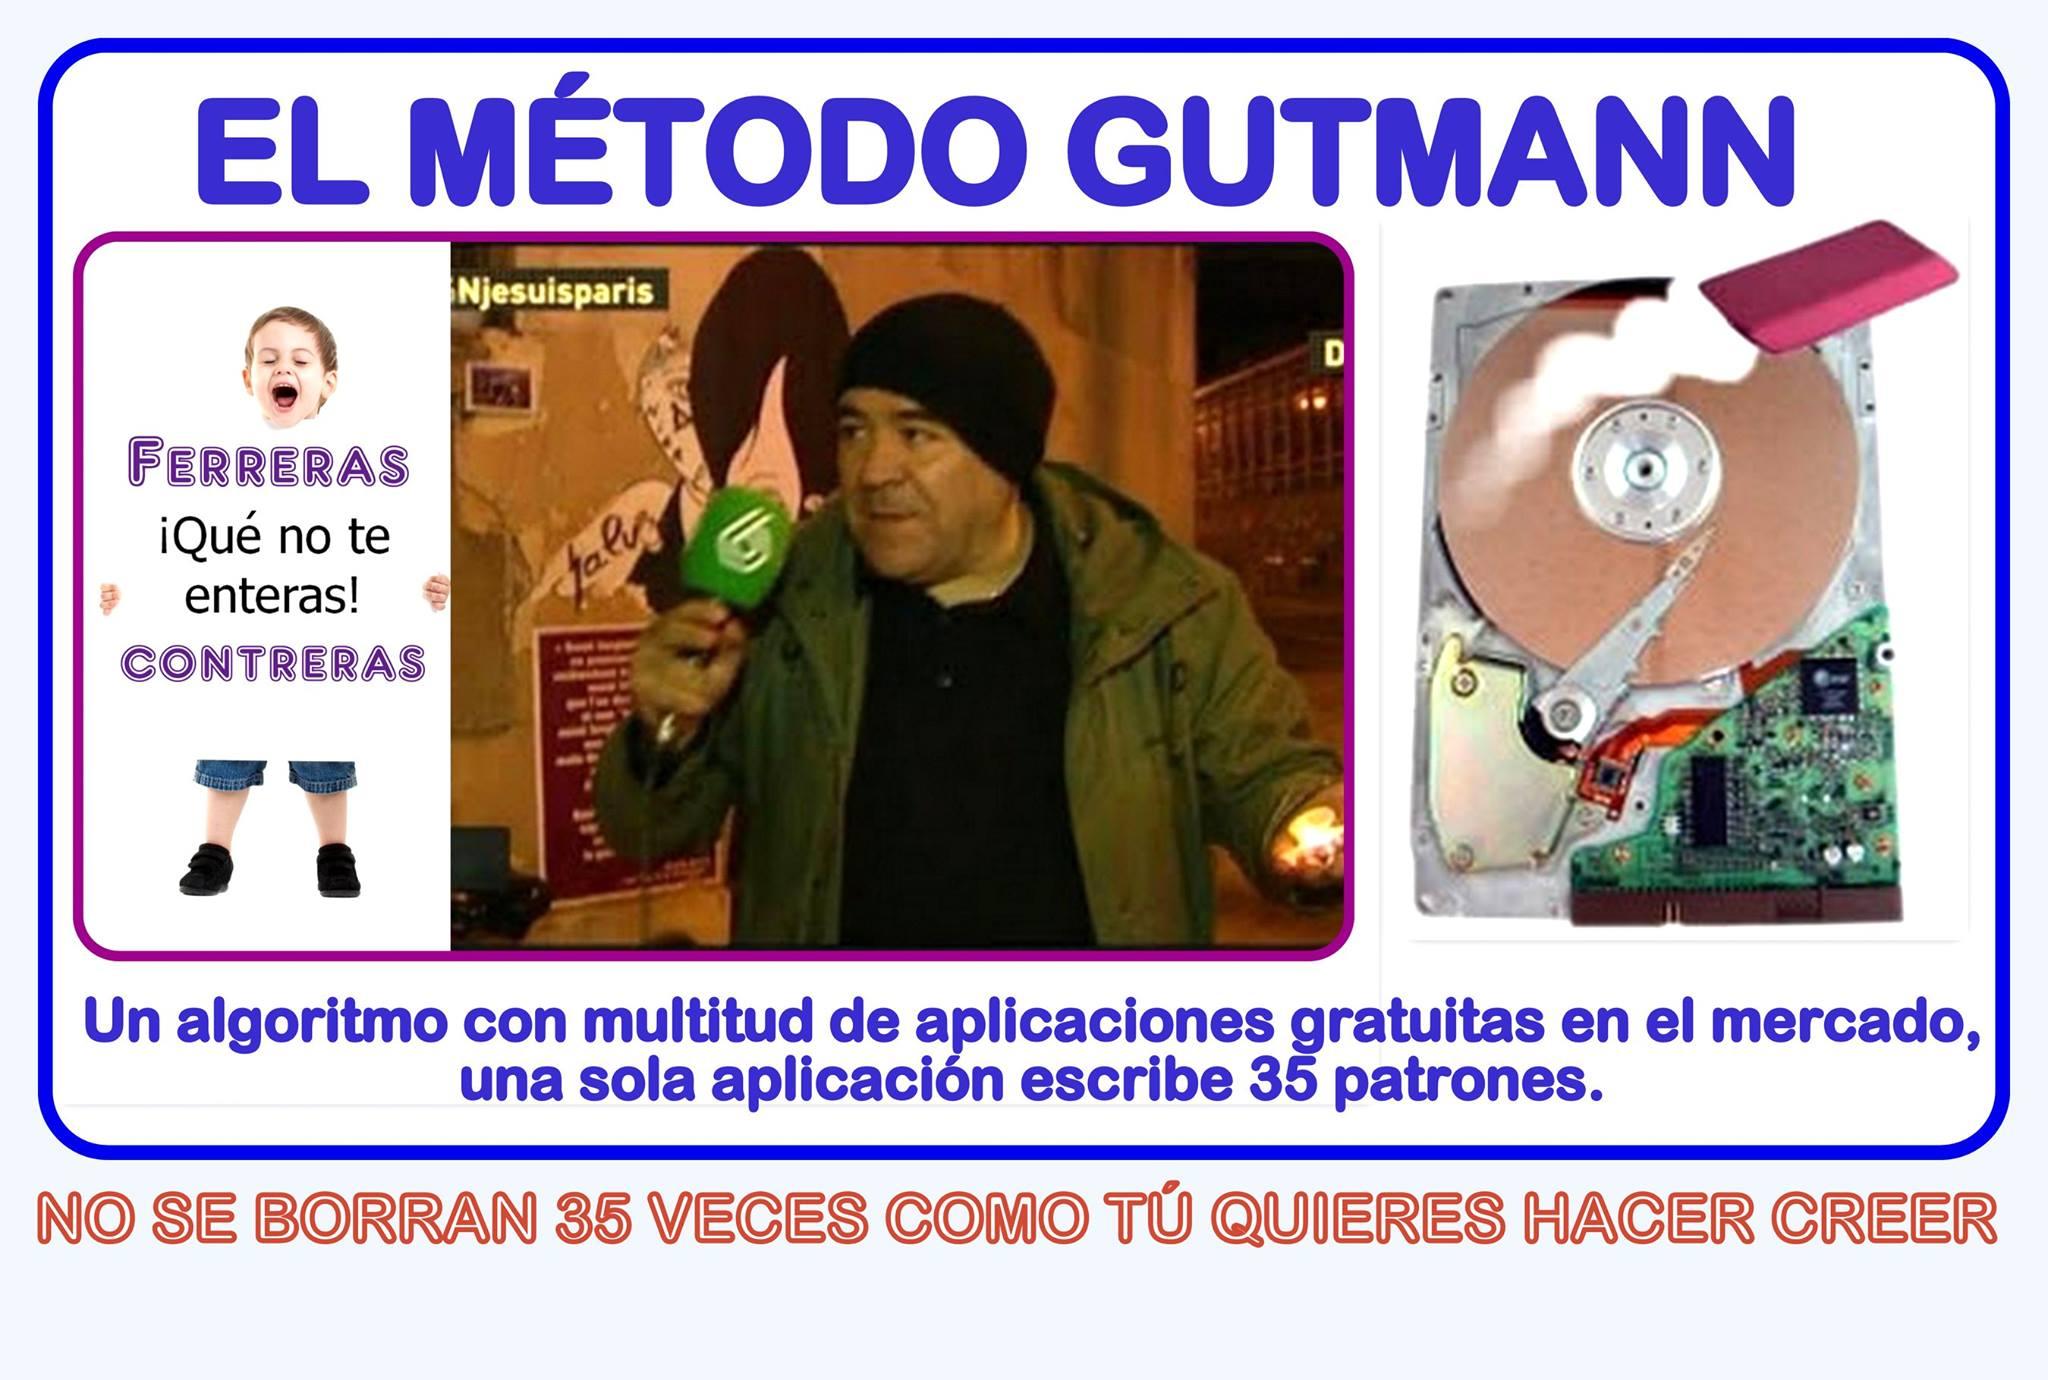 El método de borrado seguro Gutmann